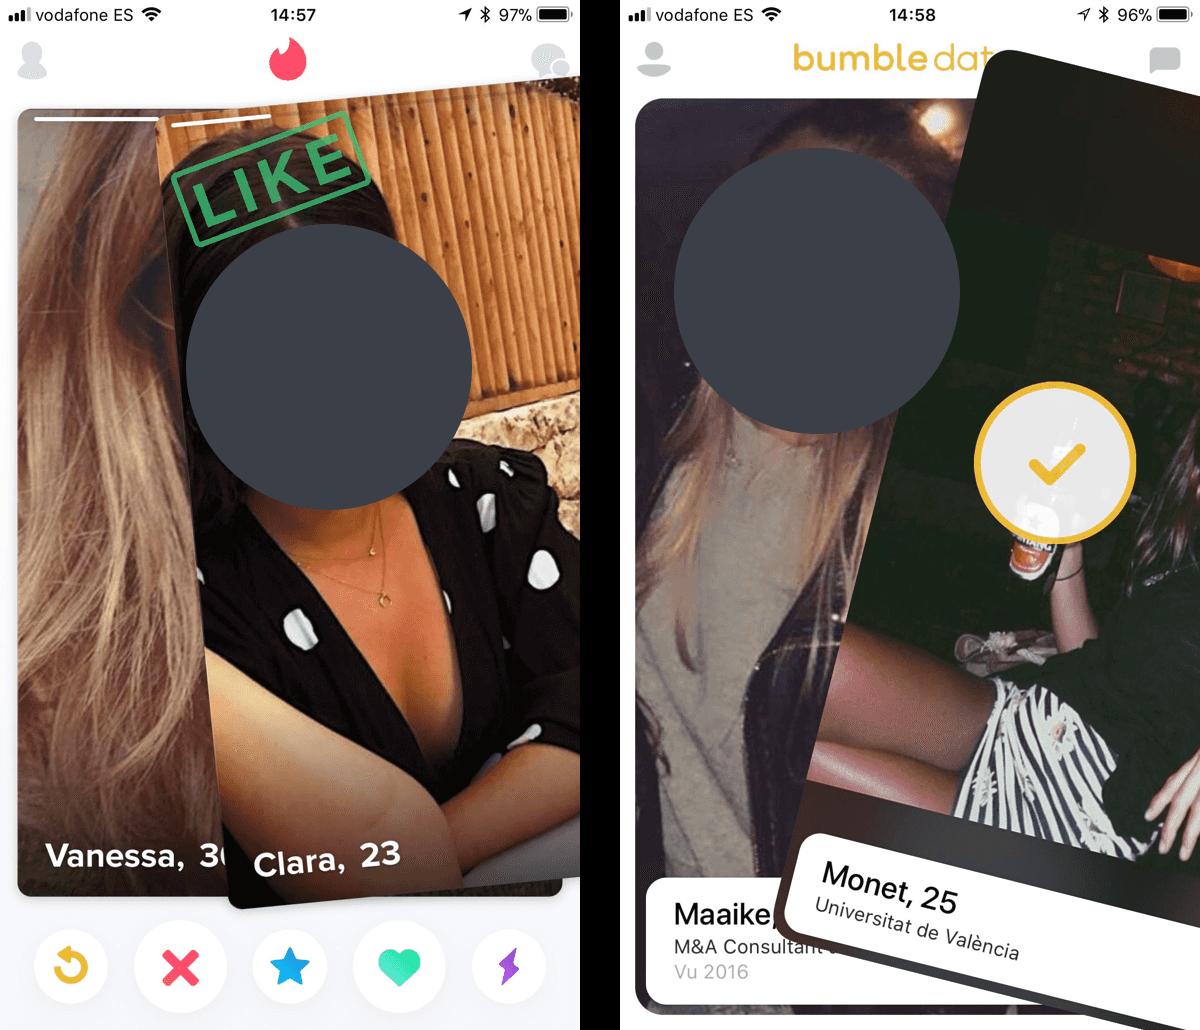 Tinder v Bumble Design Pattern